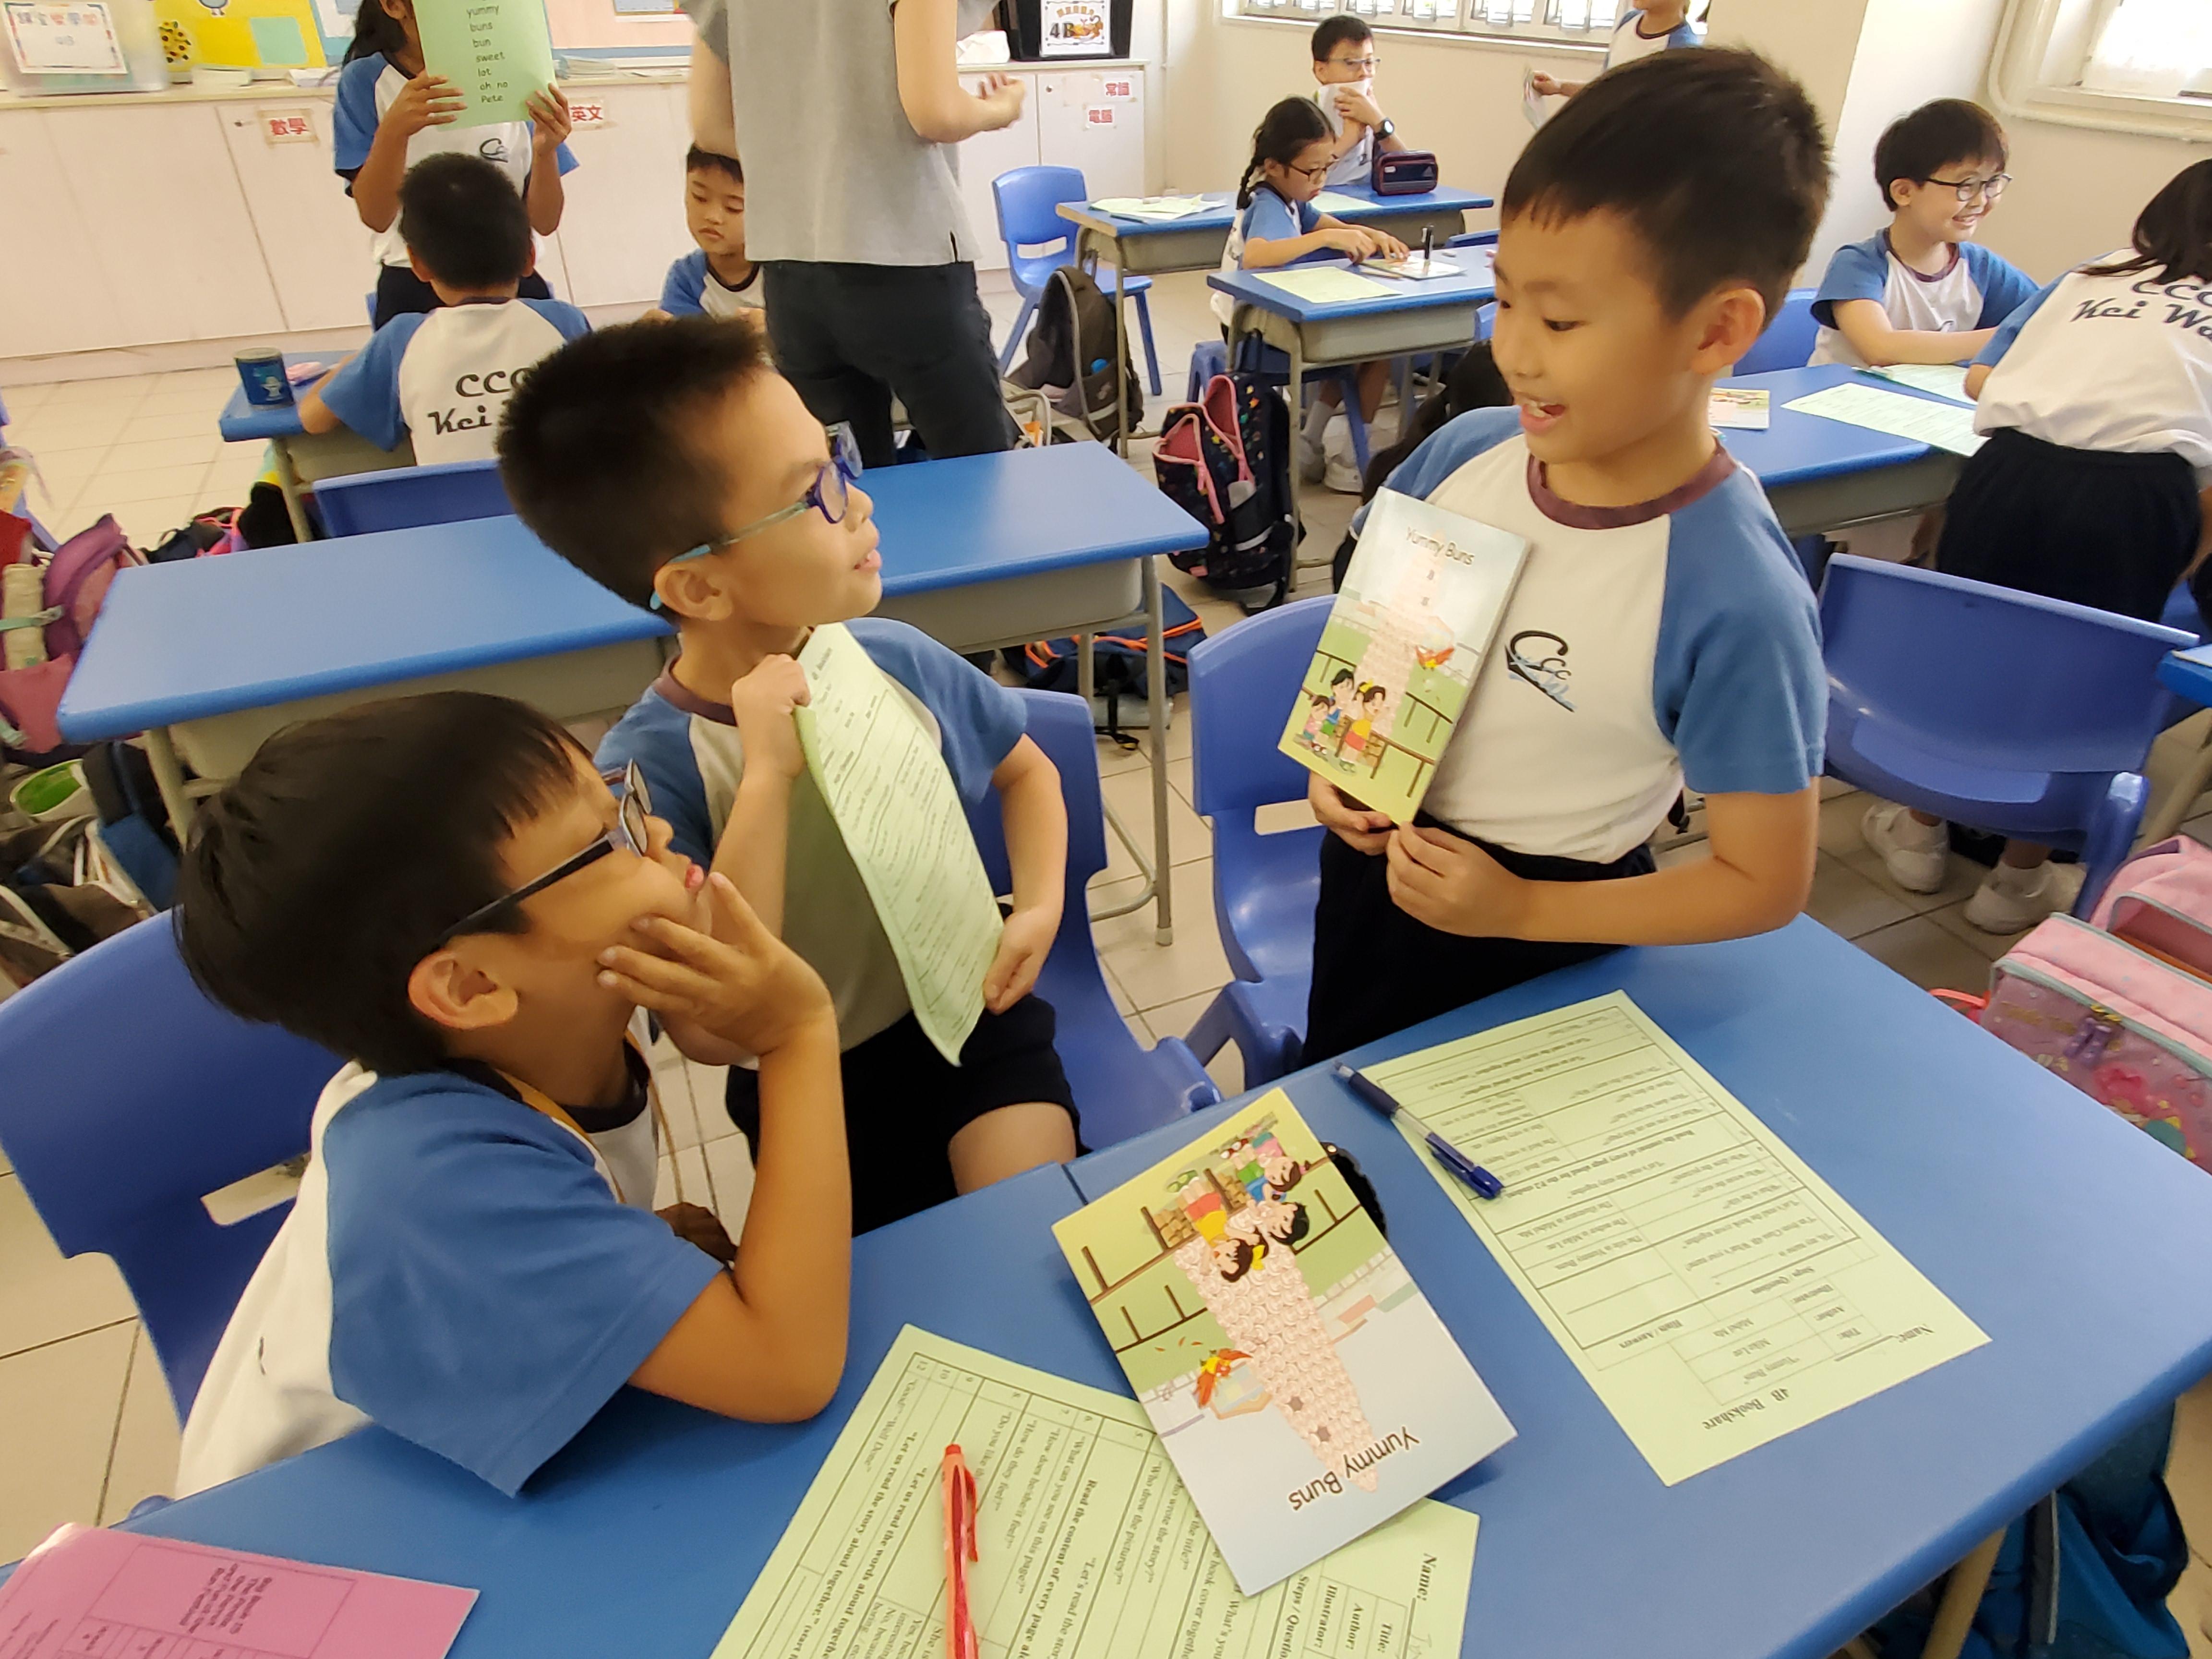 http://www.keiwan.edu.hk/sites/default/files/30_1.jpg